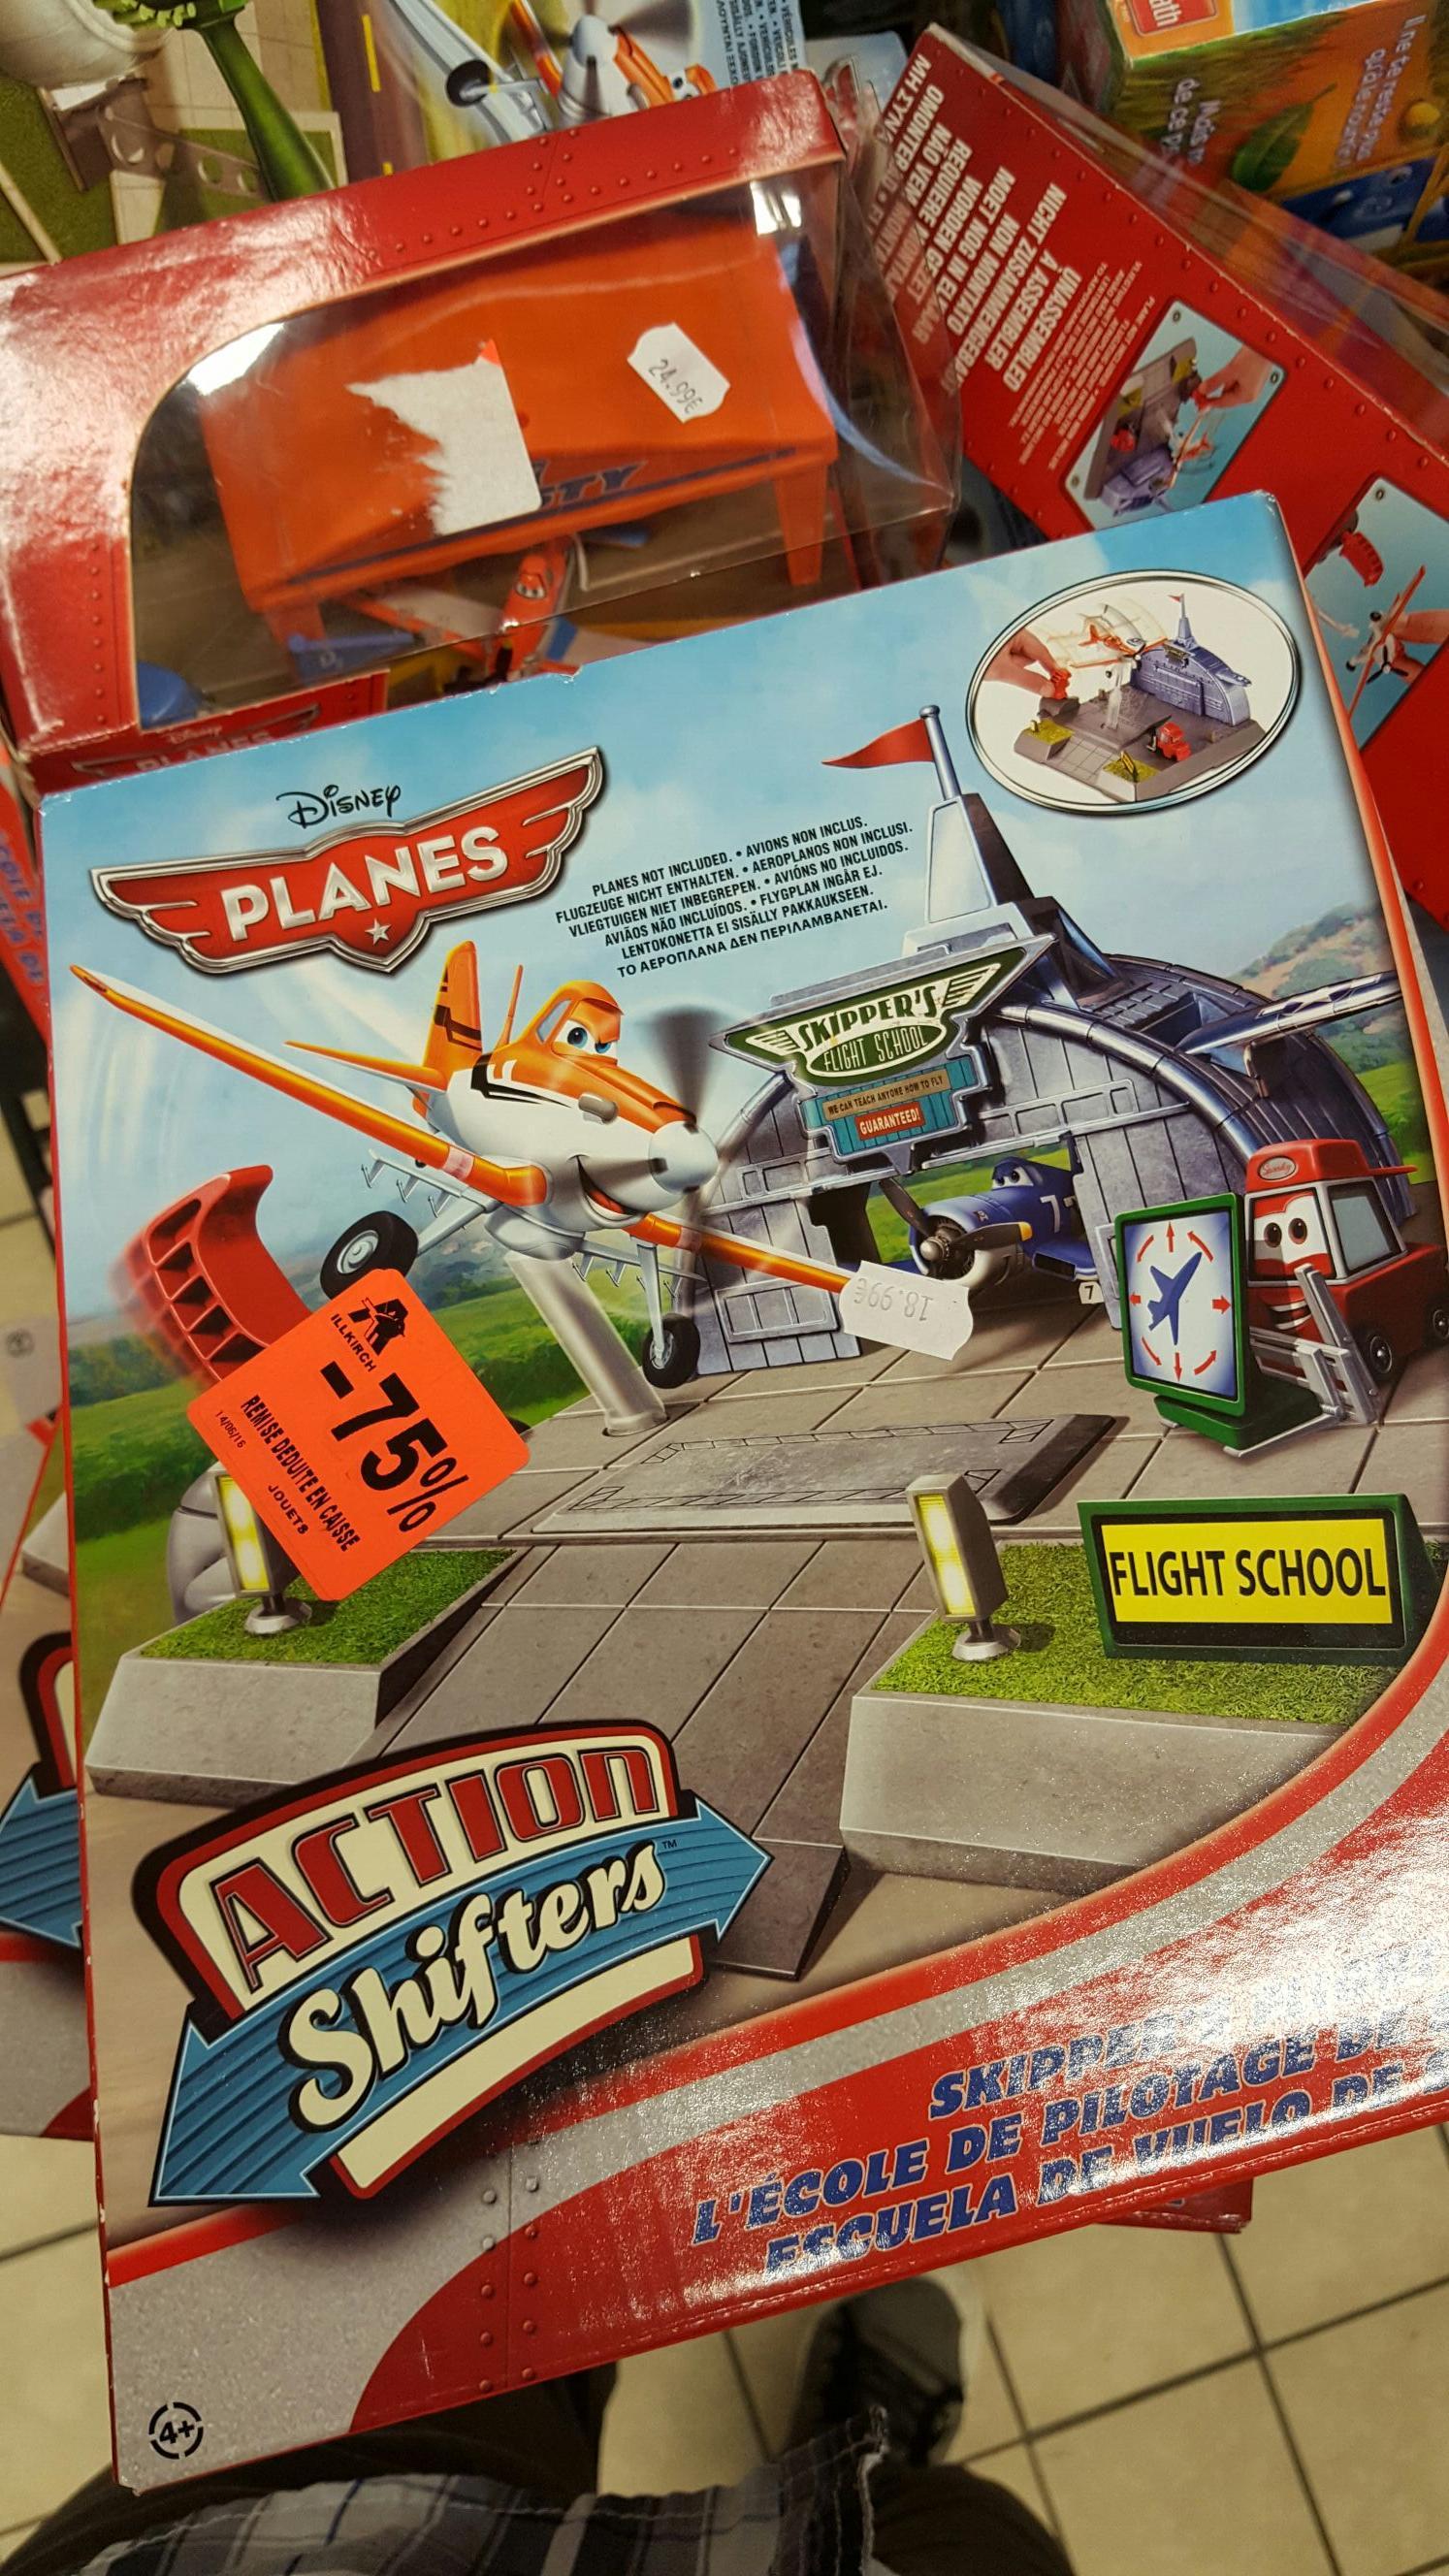 Jouet Disney airplanes Flight school